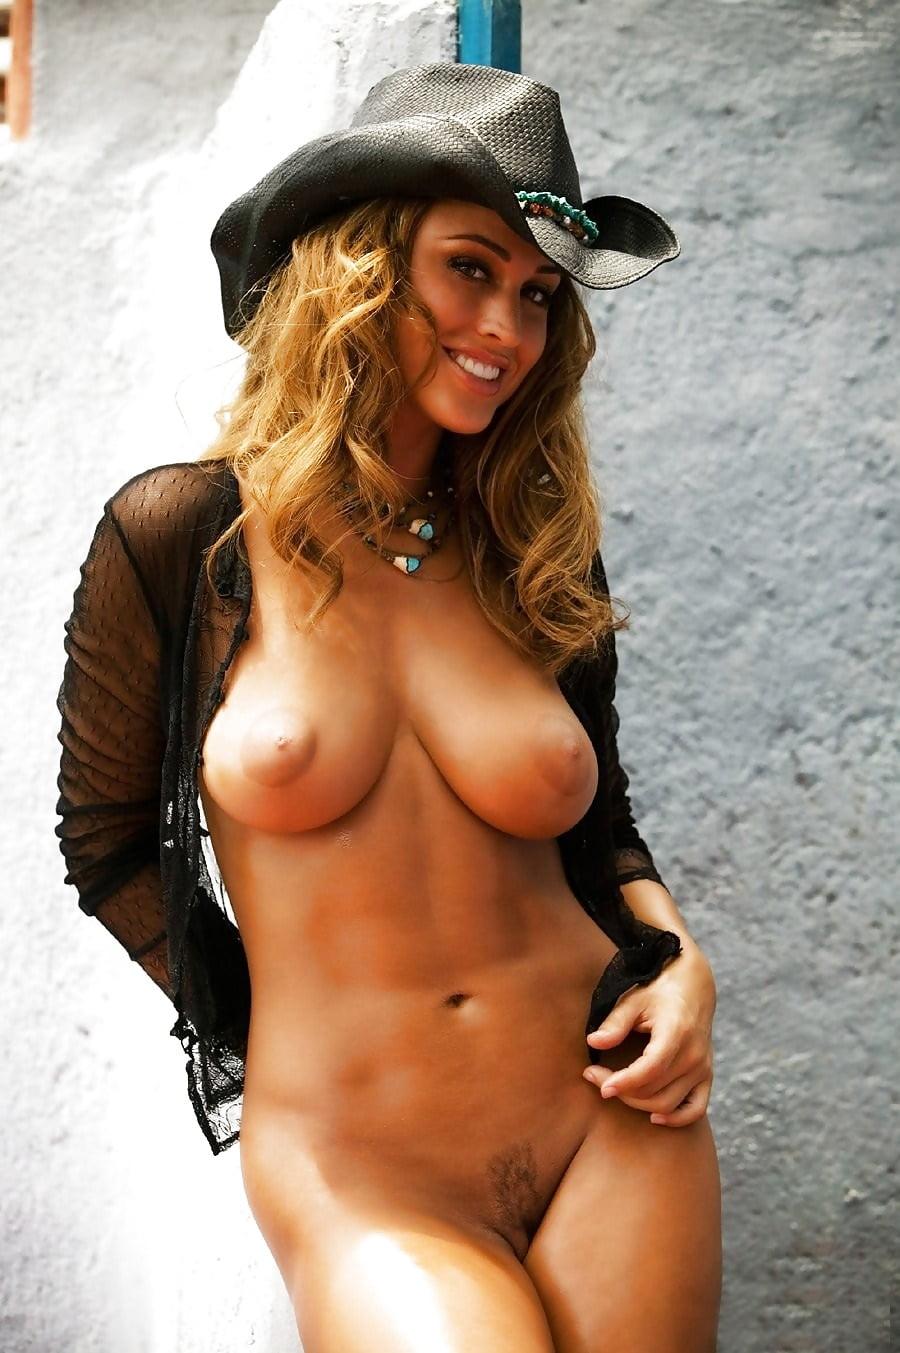 Ролики откровенная эротика мексики #12